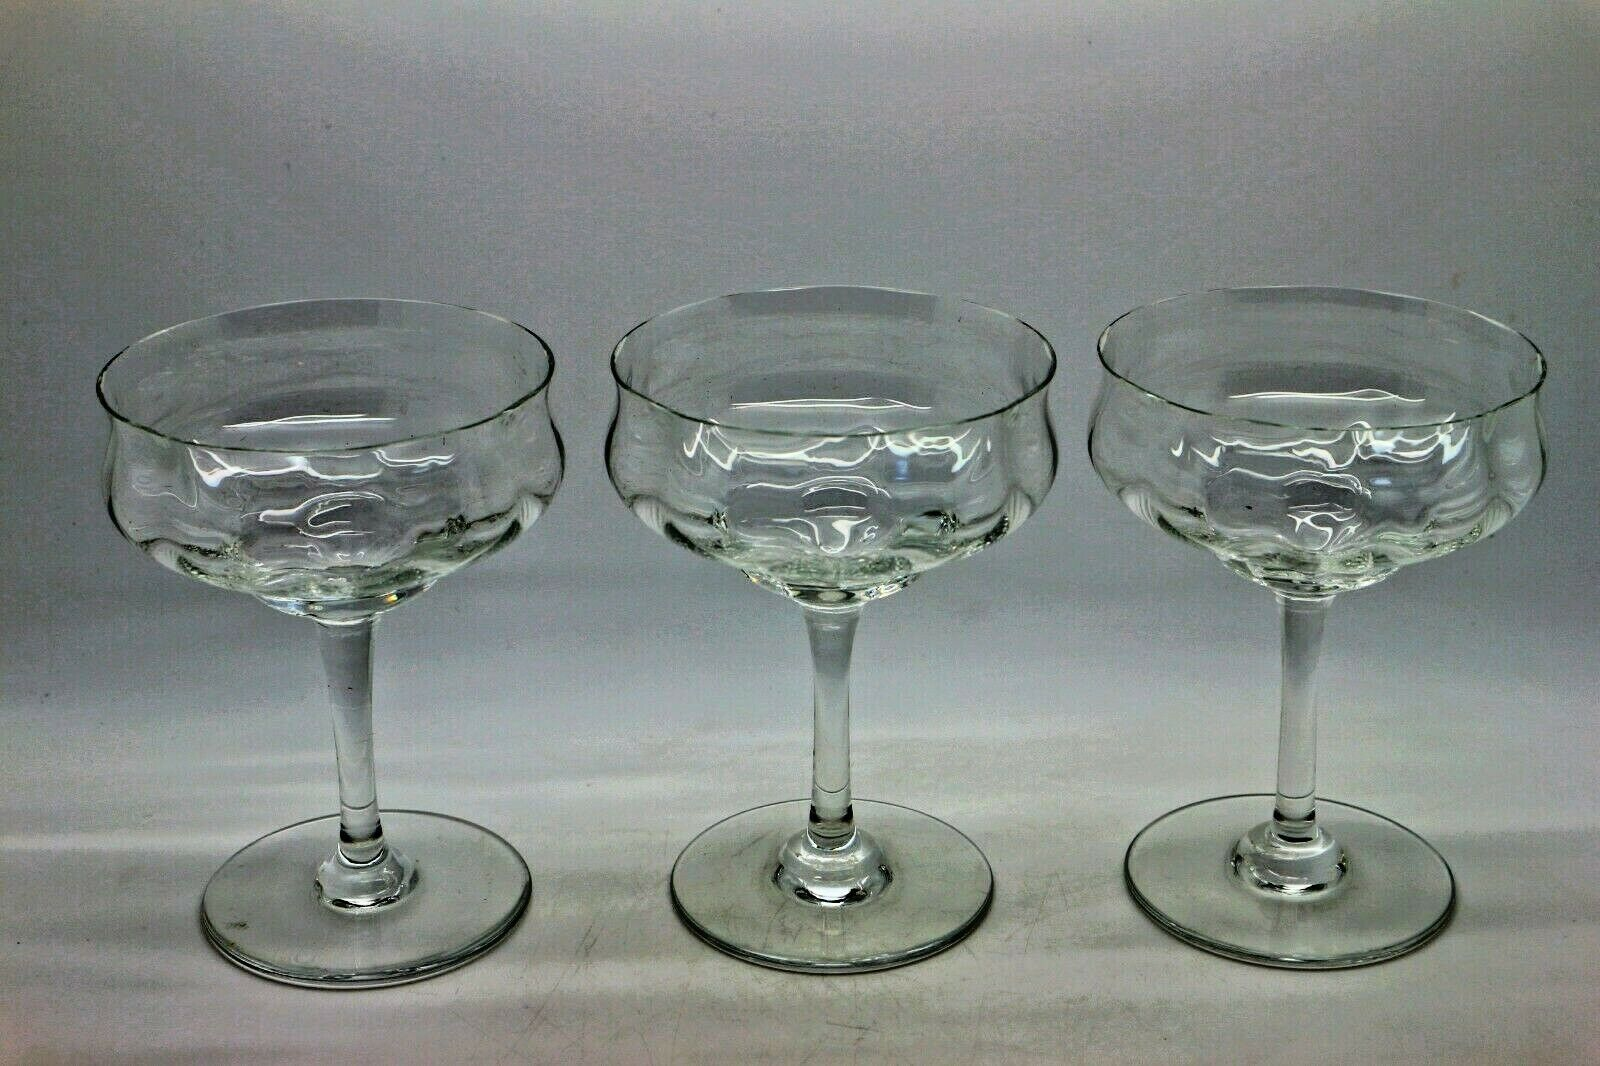 3 anciens verres en Cristal de Baccarat - Modèle à identifier